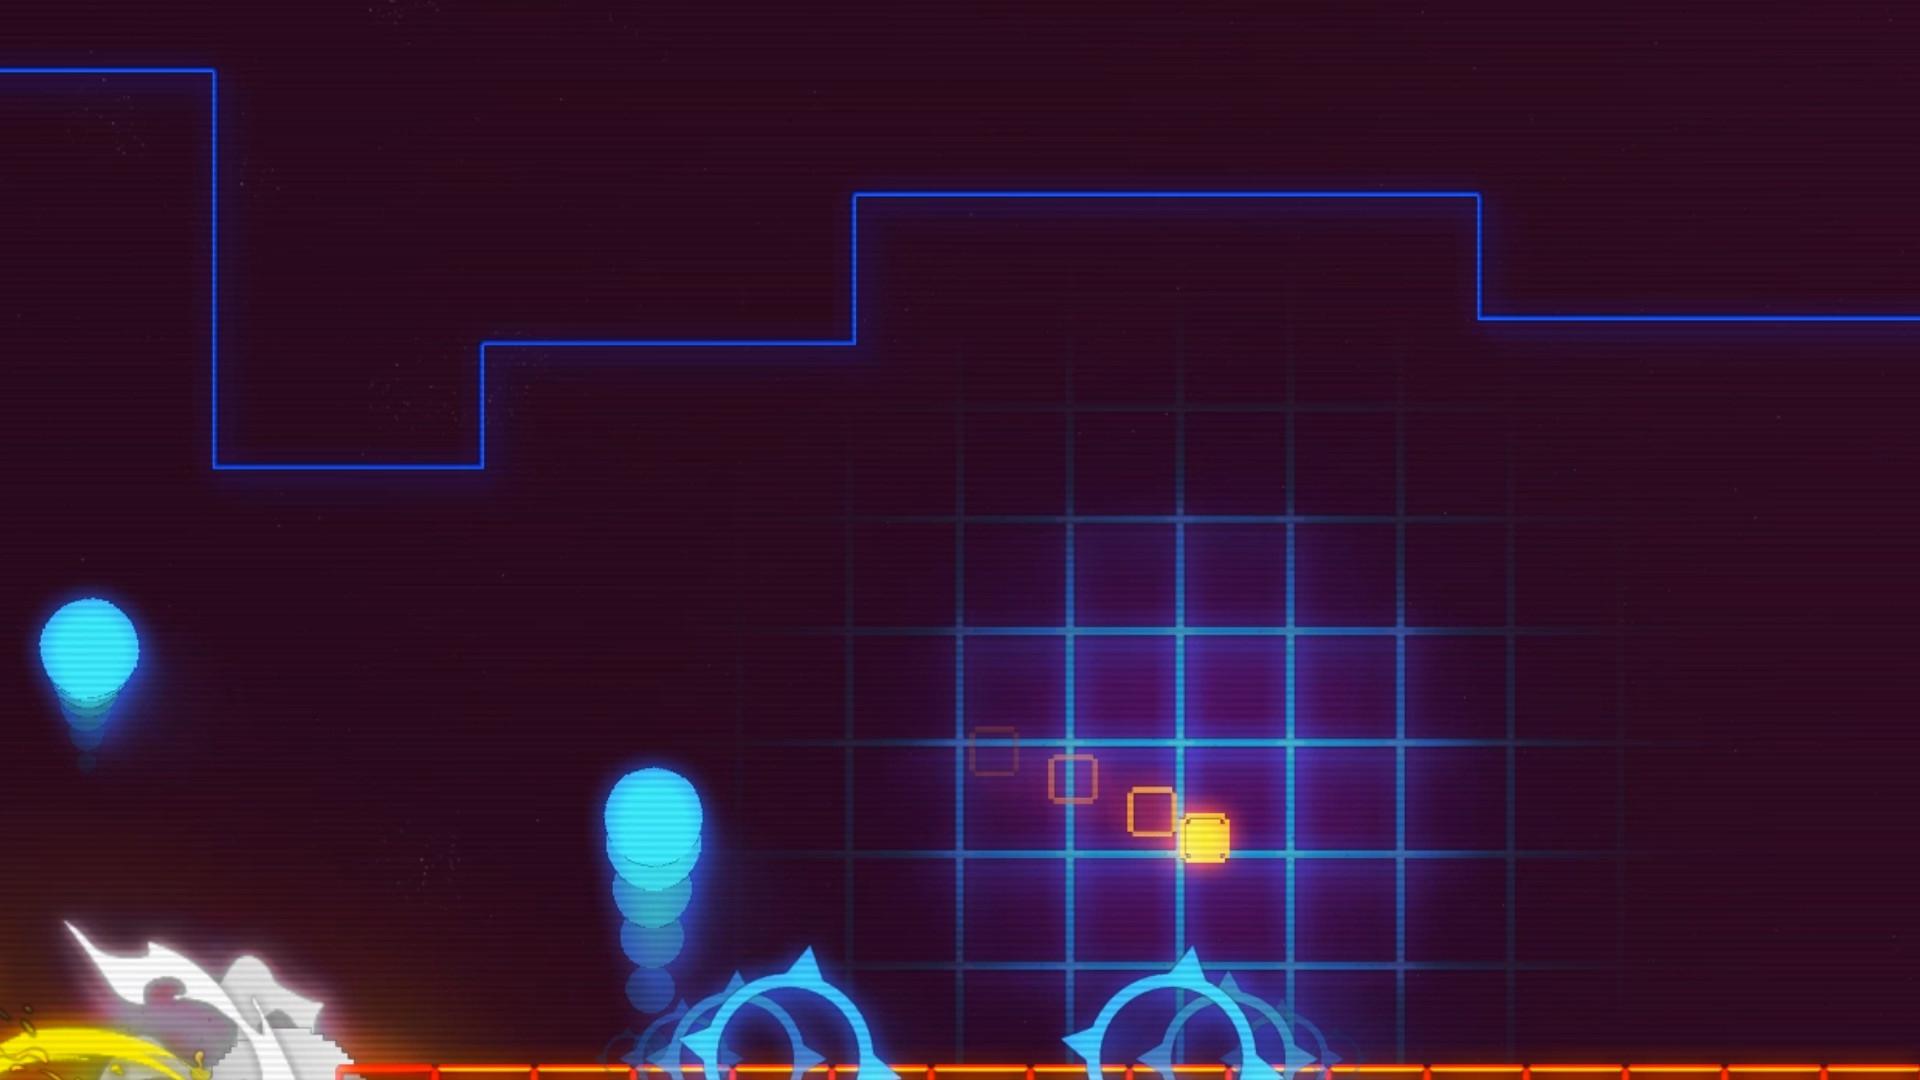 flatland prologue gameplay wallpaper 73537